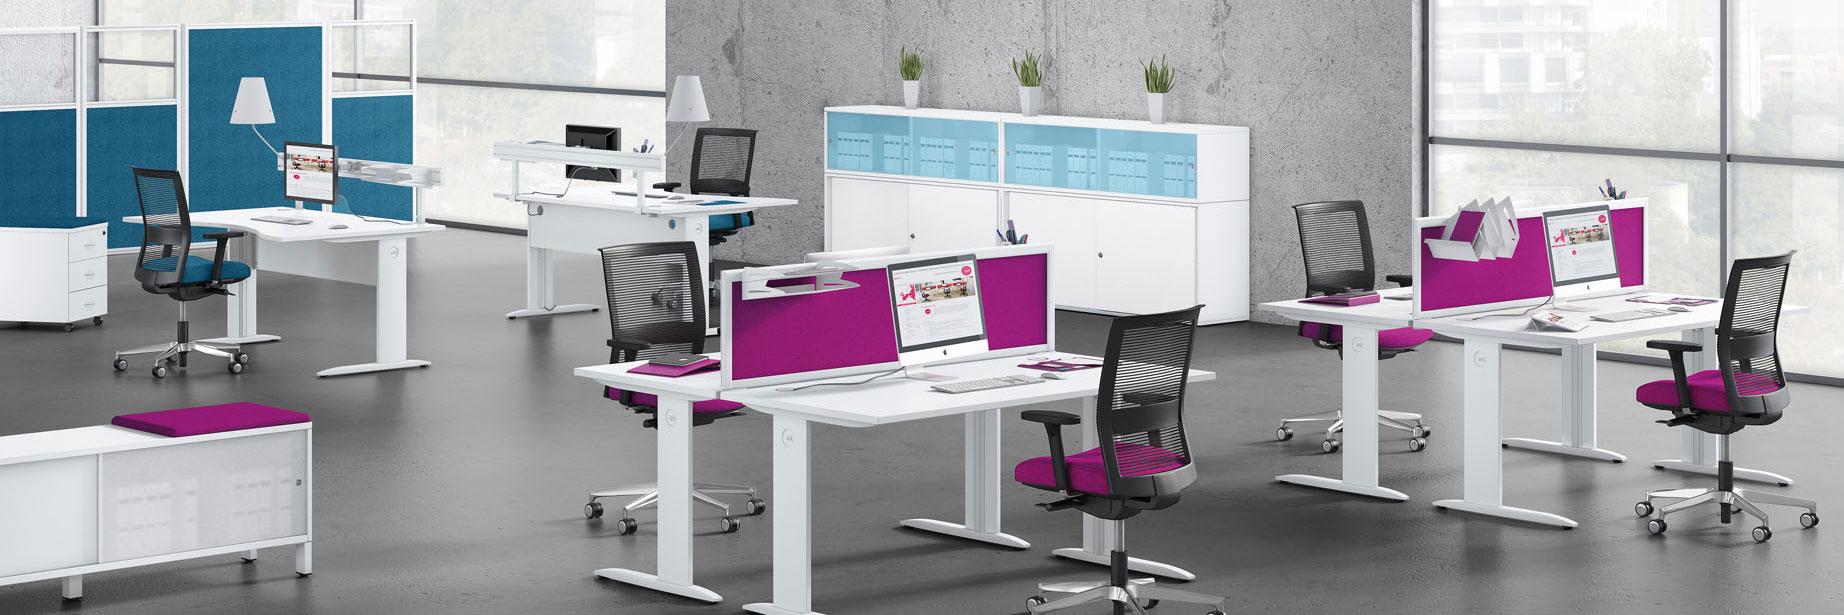 Optimisez l'utilisation de l'espace dans votre entreprise